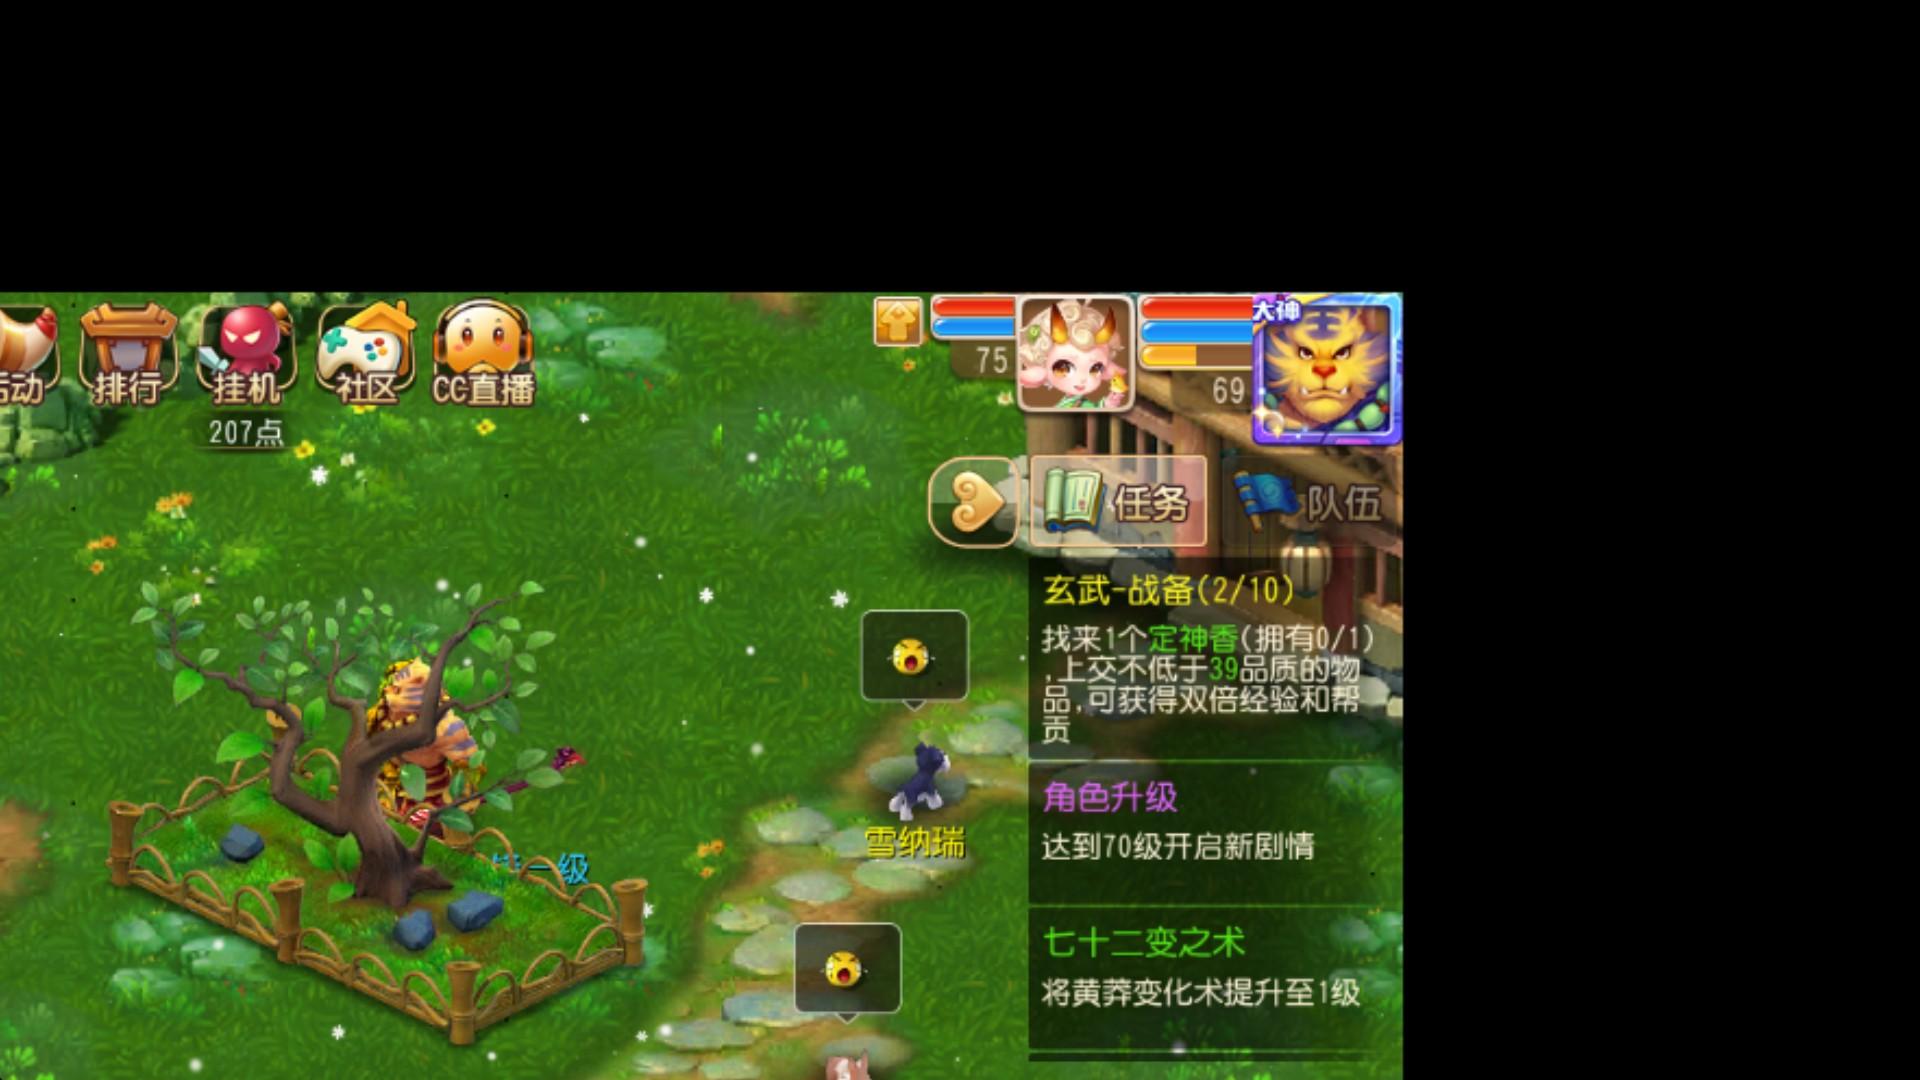 Screenshot_2019-01-29-16-06-03-795_????_compress.png